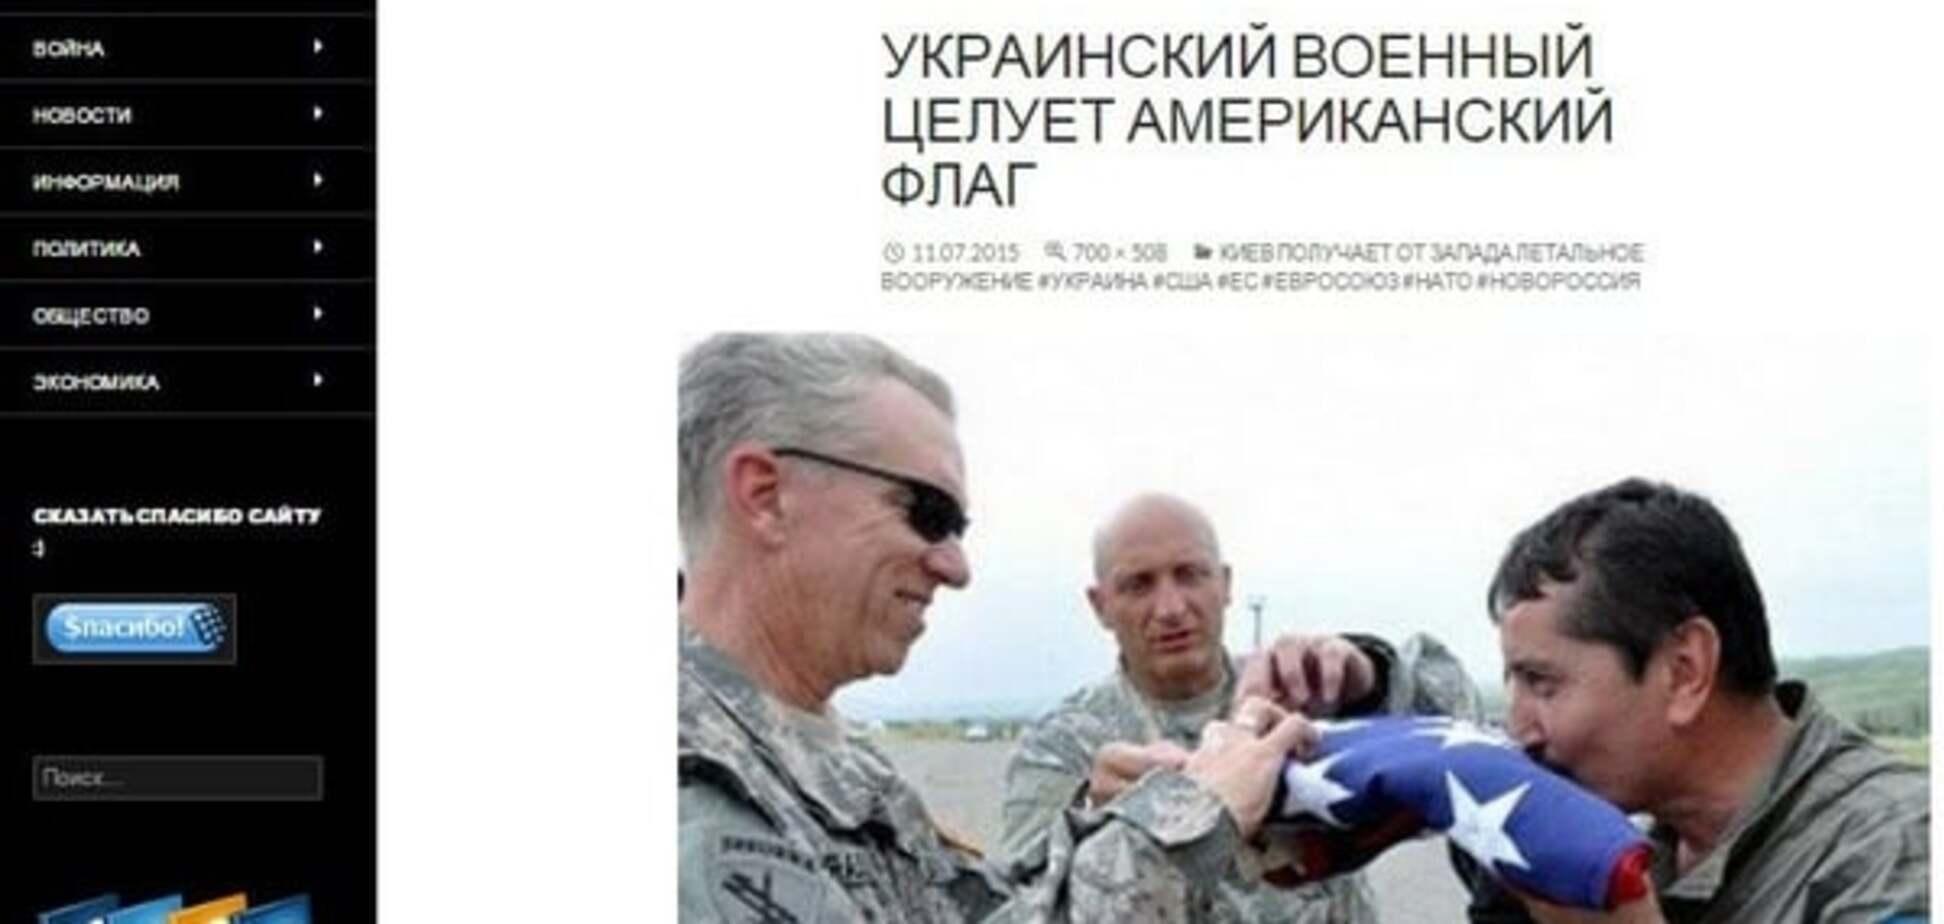 У мережі викрили фейк про українського військового, який цілує прапор США: фотодокази